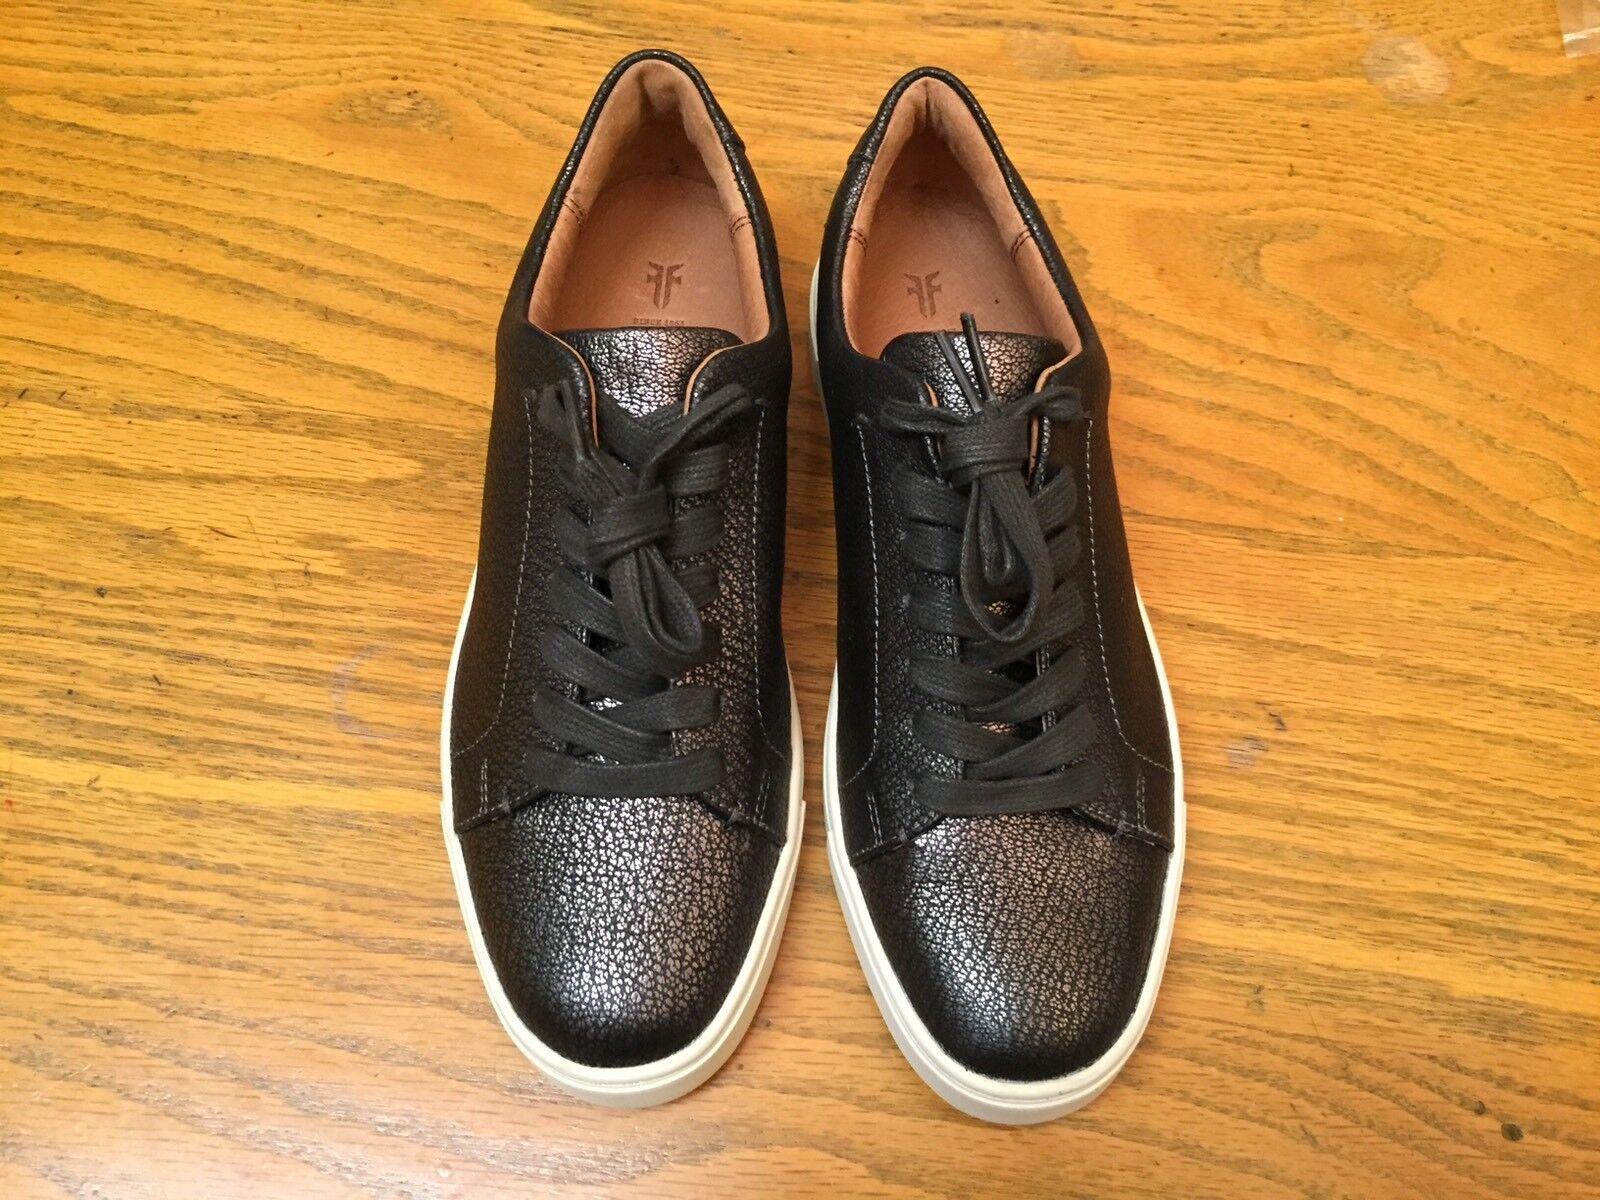 Frye Ivy Estaño Cuero Con Cordones Mujer Zapatos Tenis Nuevas